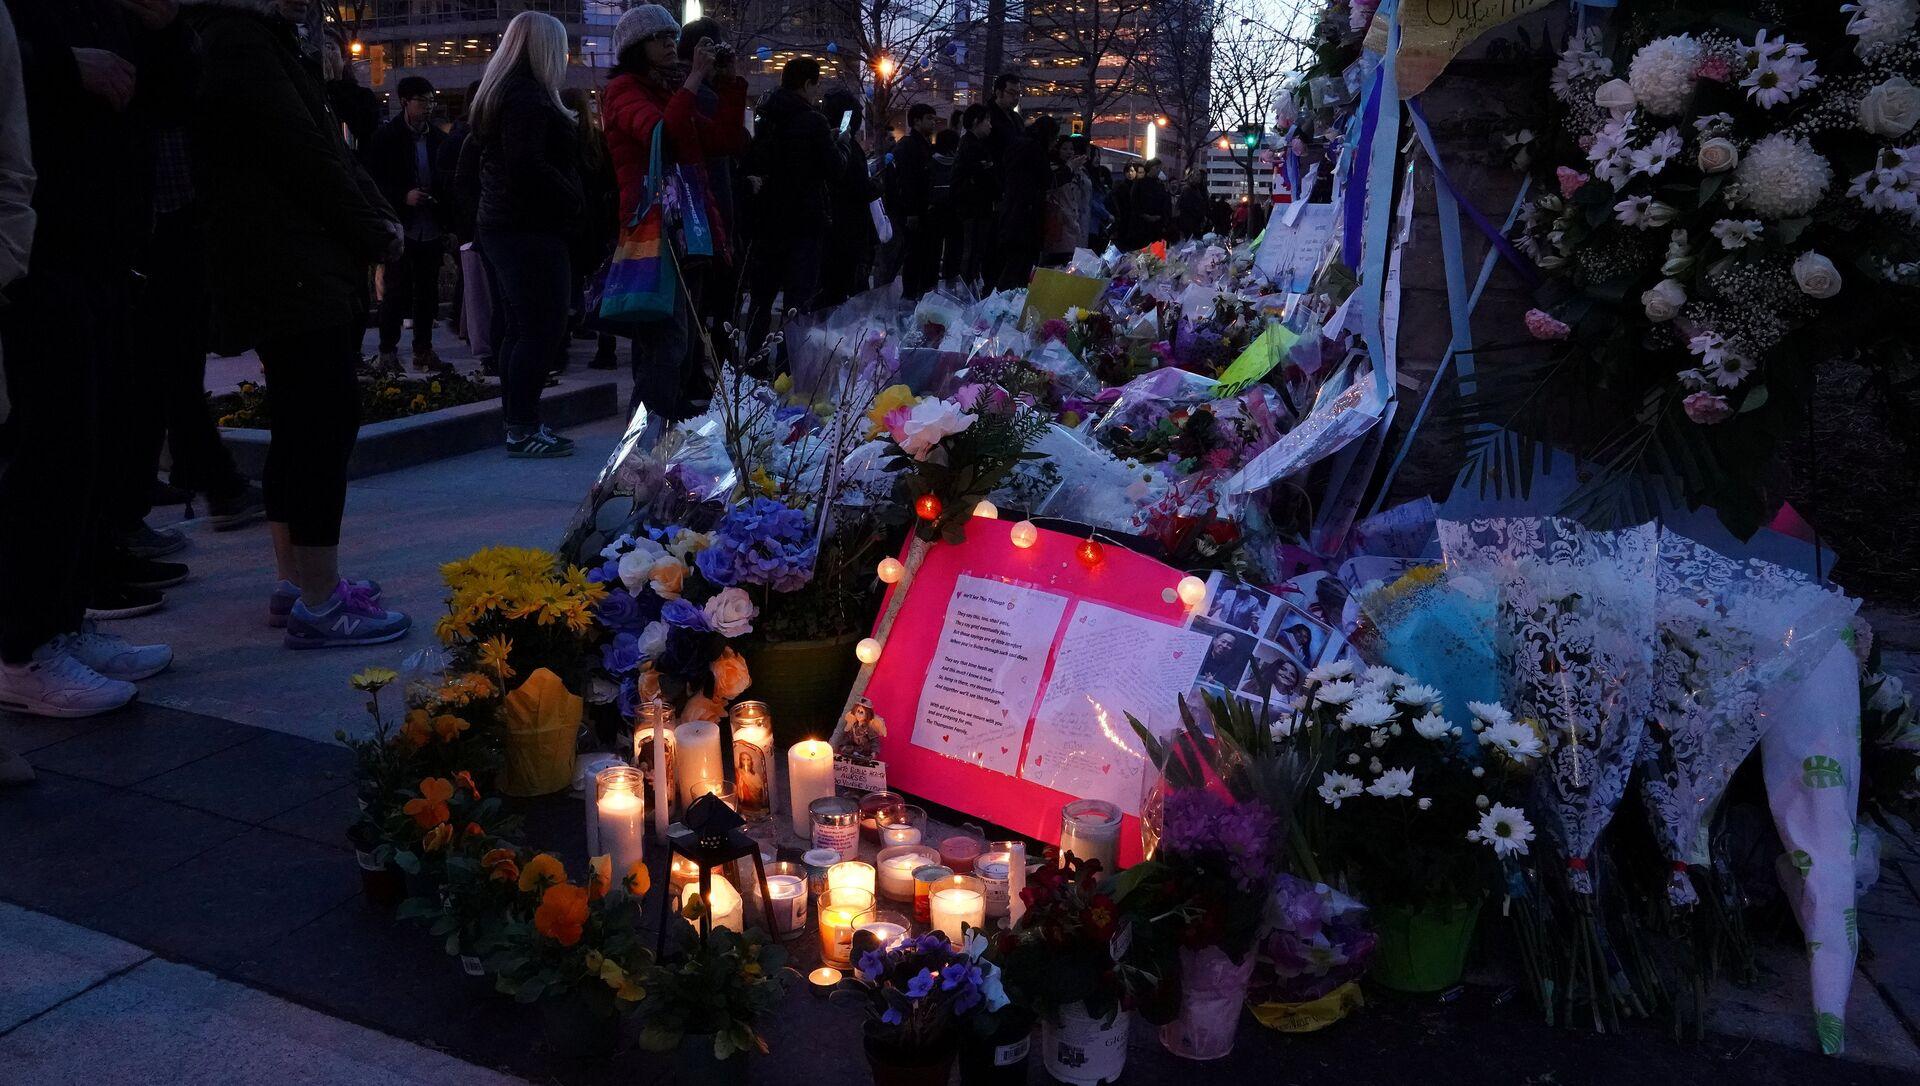 Memorial en Toronto por las víctimas del atropello - Sputnik Mundo, 1920, 28.04.2018